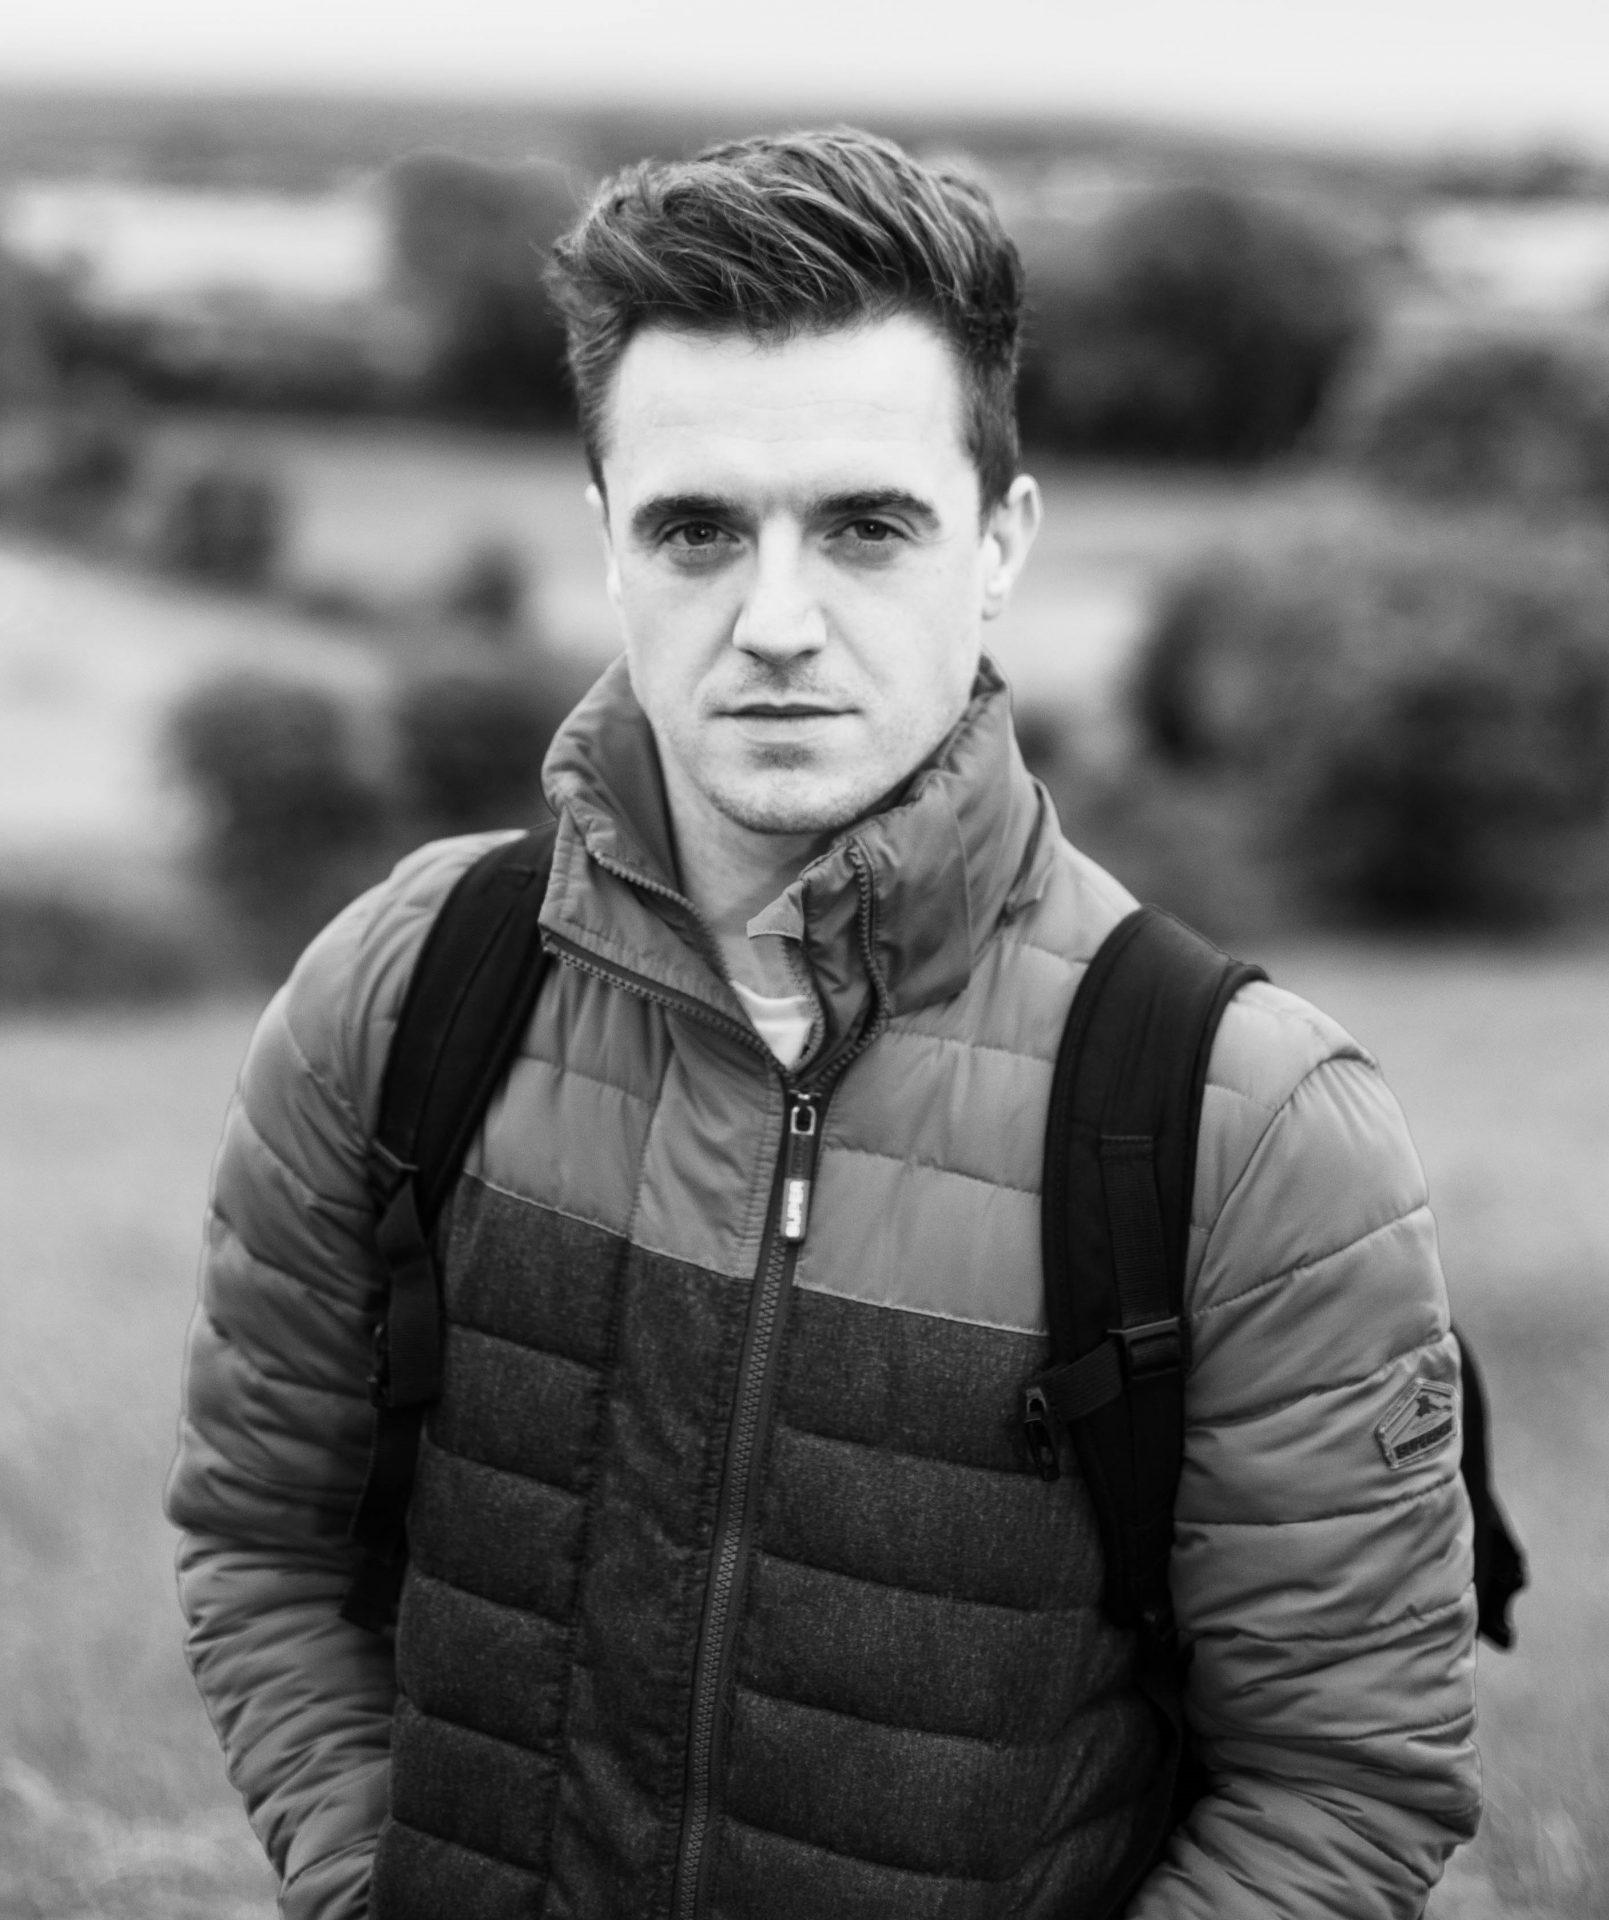 MATTHEW MURPHY - Content Creators - weloveIreland.ie